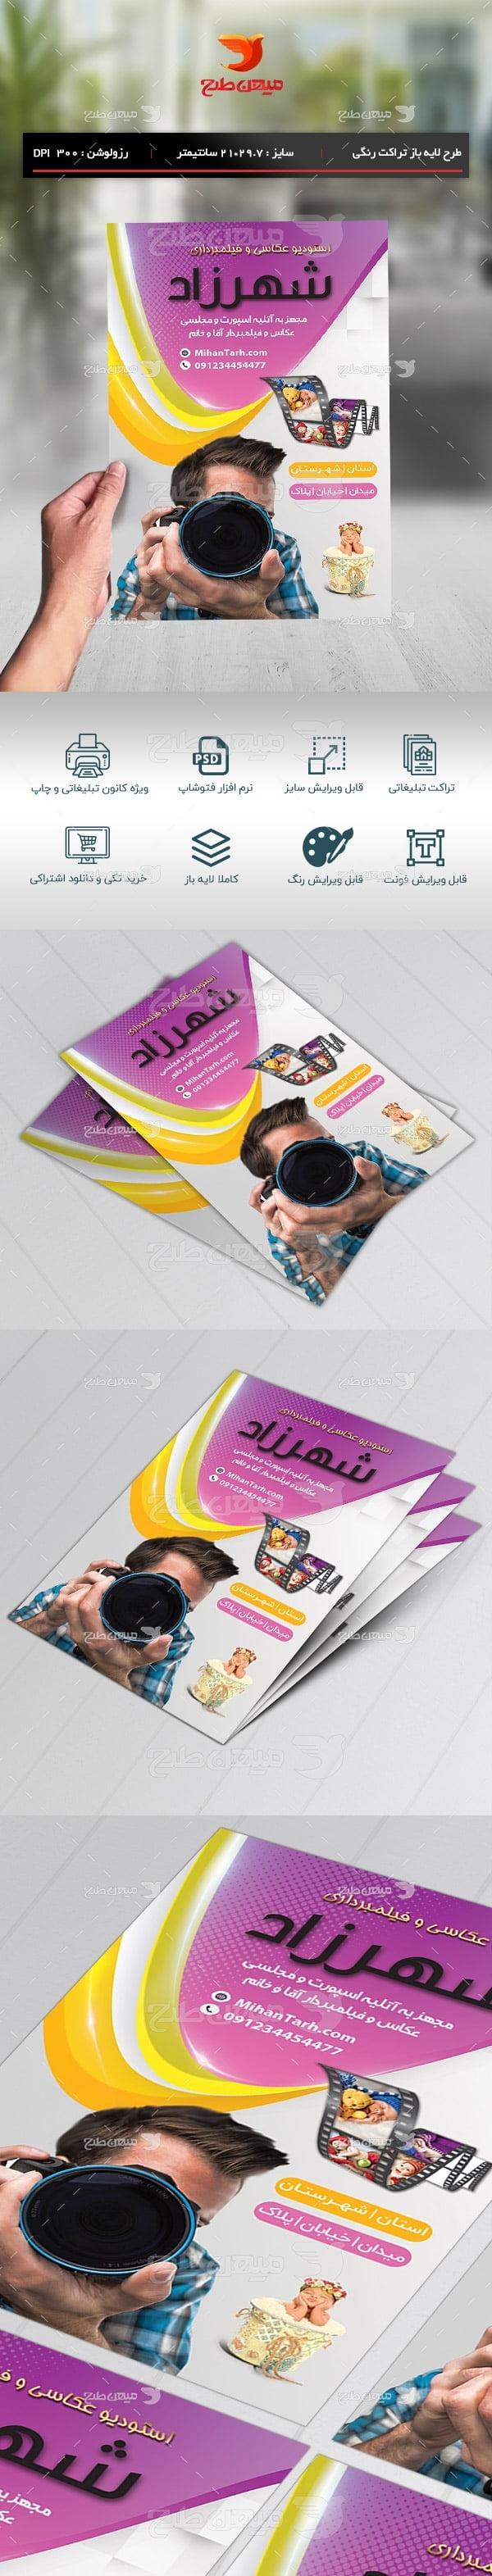 طرح لایه باز تراکت رنگی استودیو عکاسی و فیلمبرداری